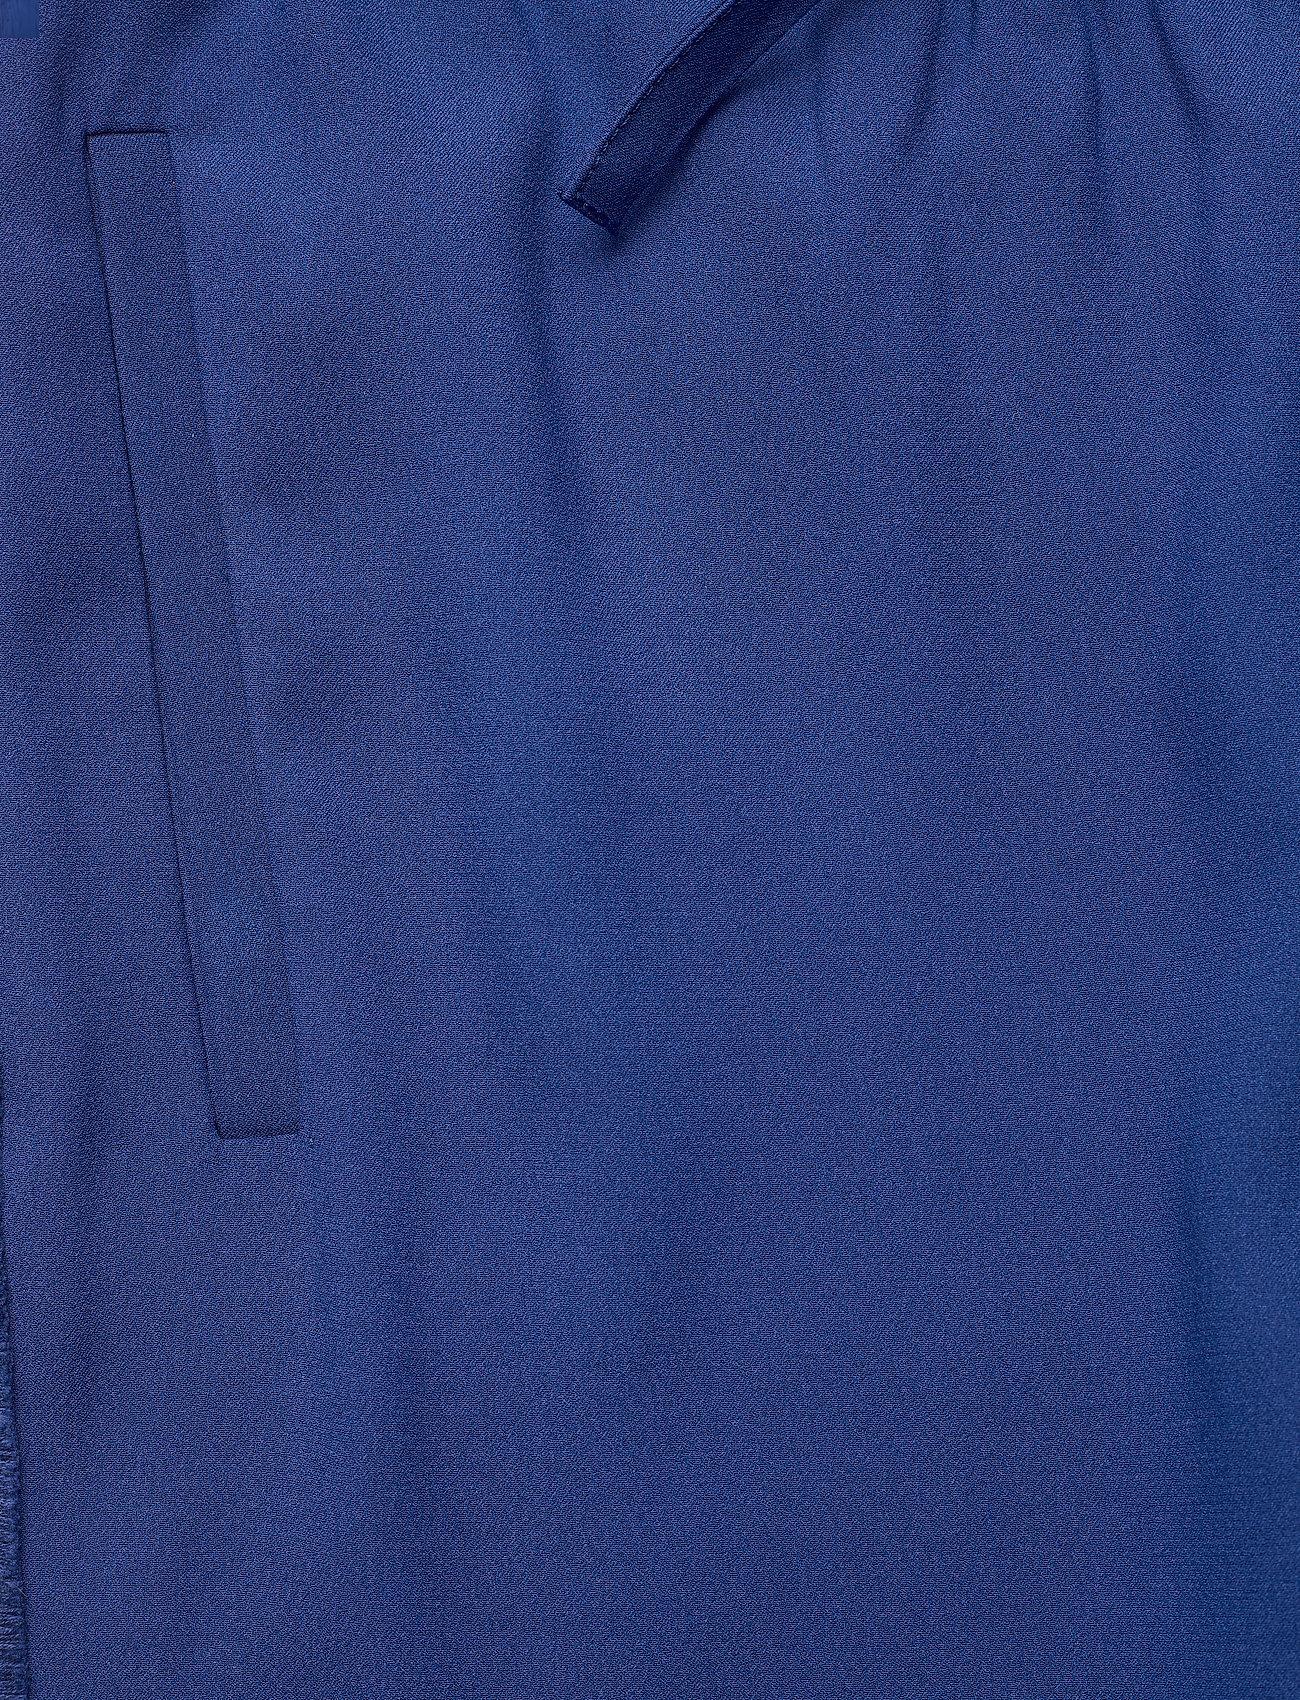 Zadig & Voltaire - PARONO CREPE PANTALON - slim fit bukser - blue - 4